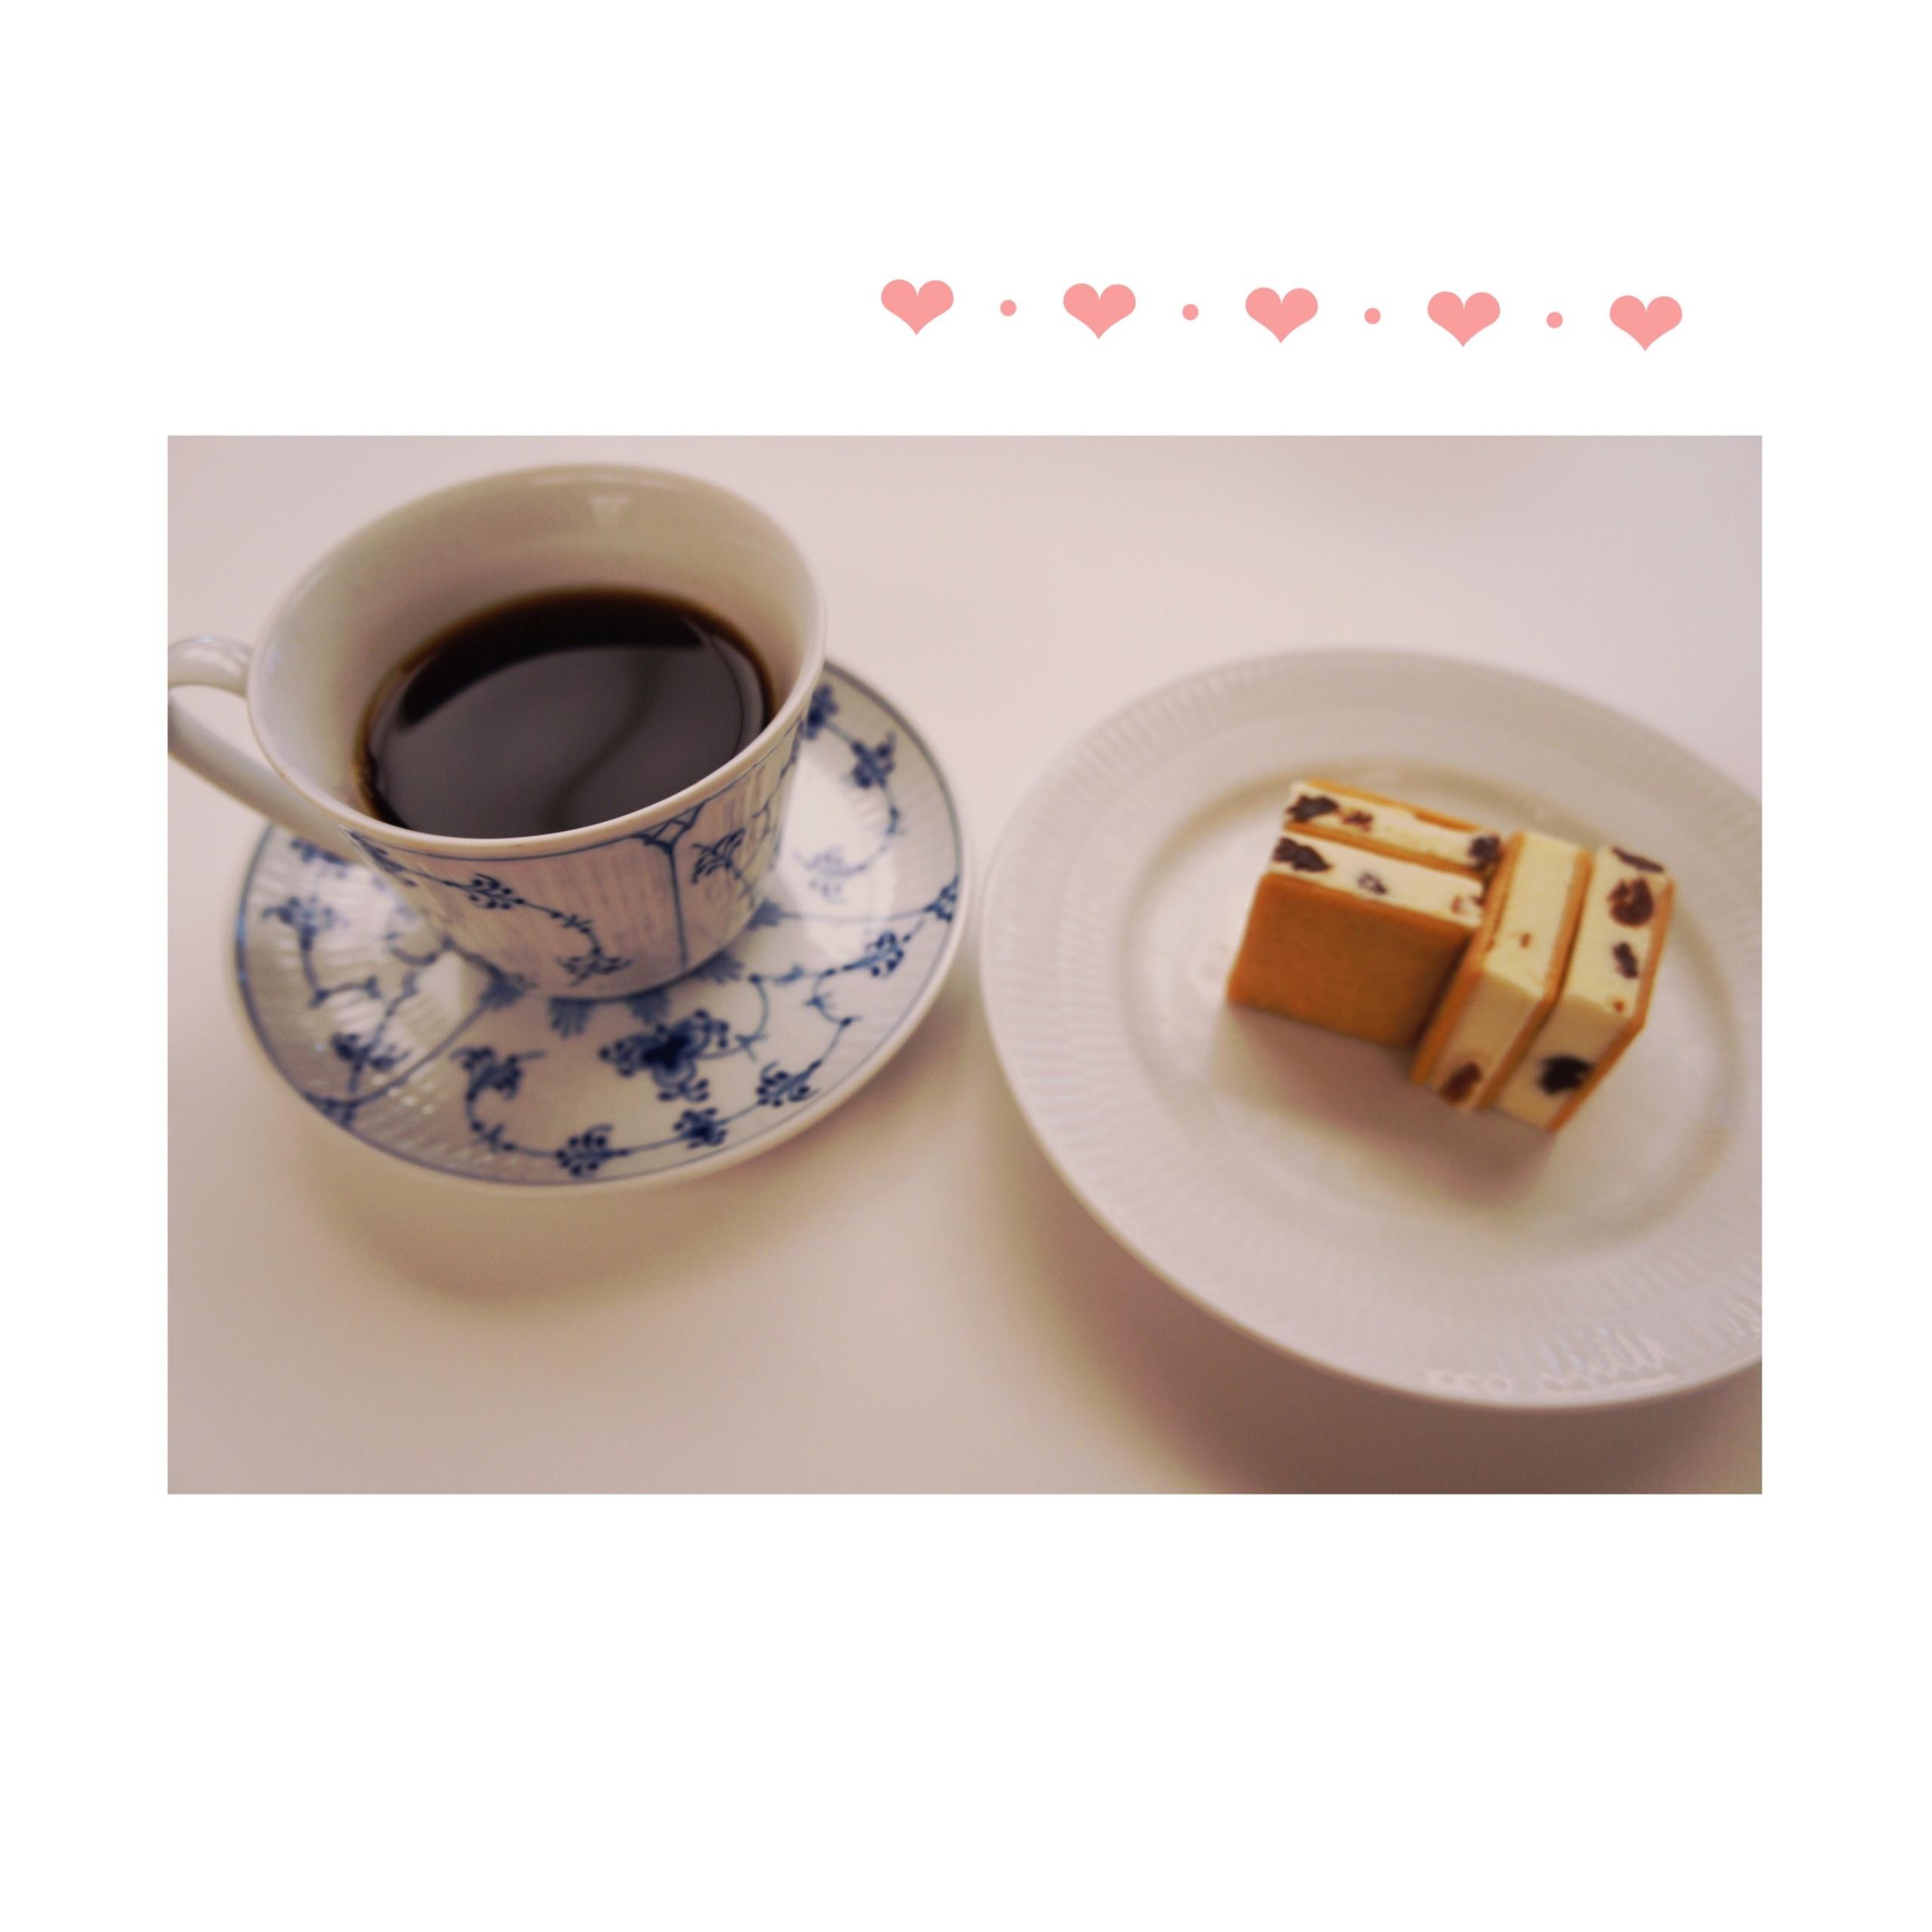 《★ご当地MORE》食べられるのは【北海道で2店舗】だけ!札幌に行ったら絶対食べたい!マルセイアイスサンド❤️_2